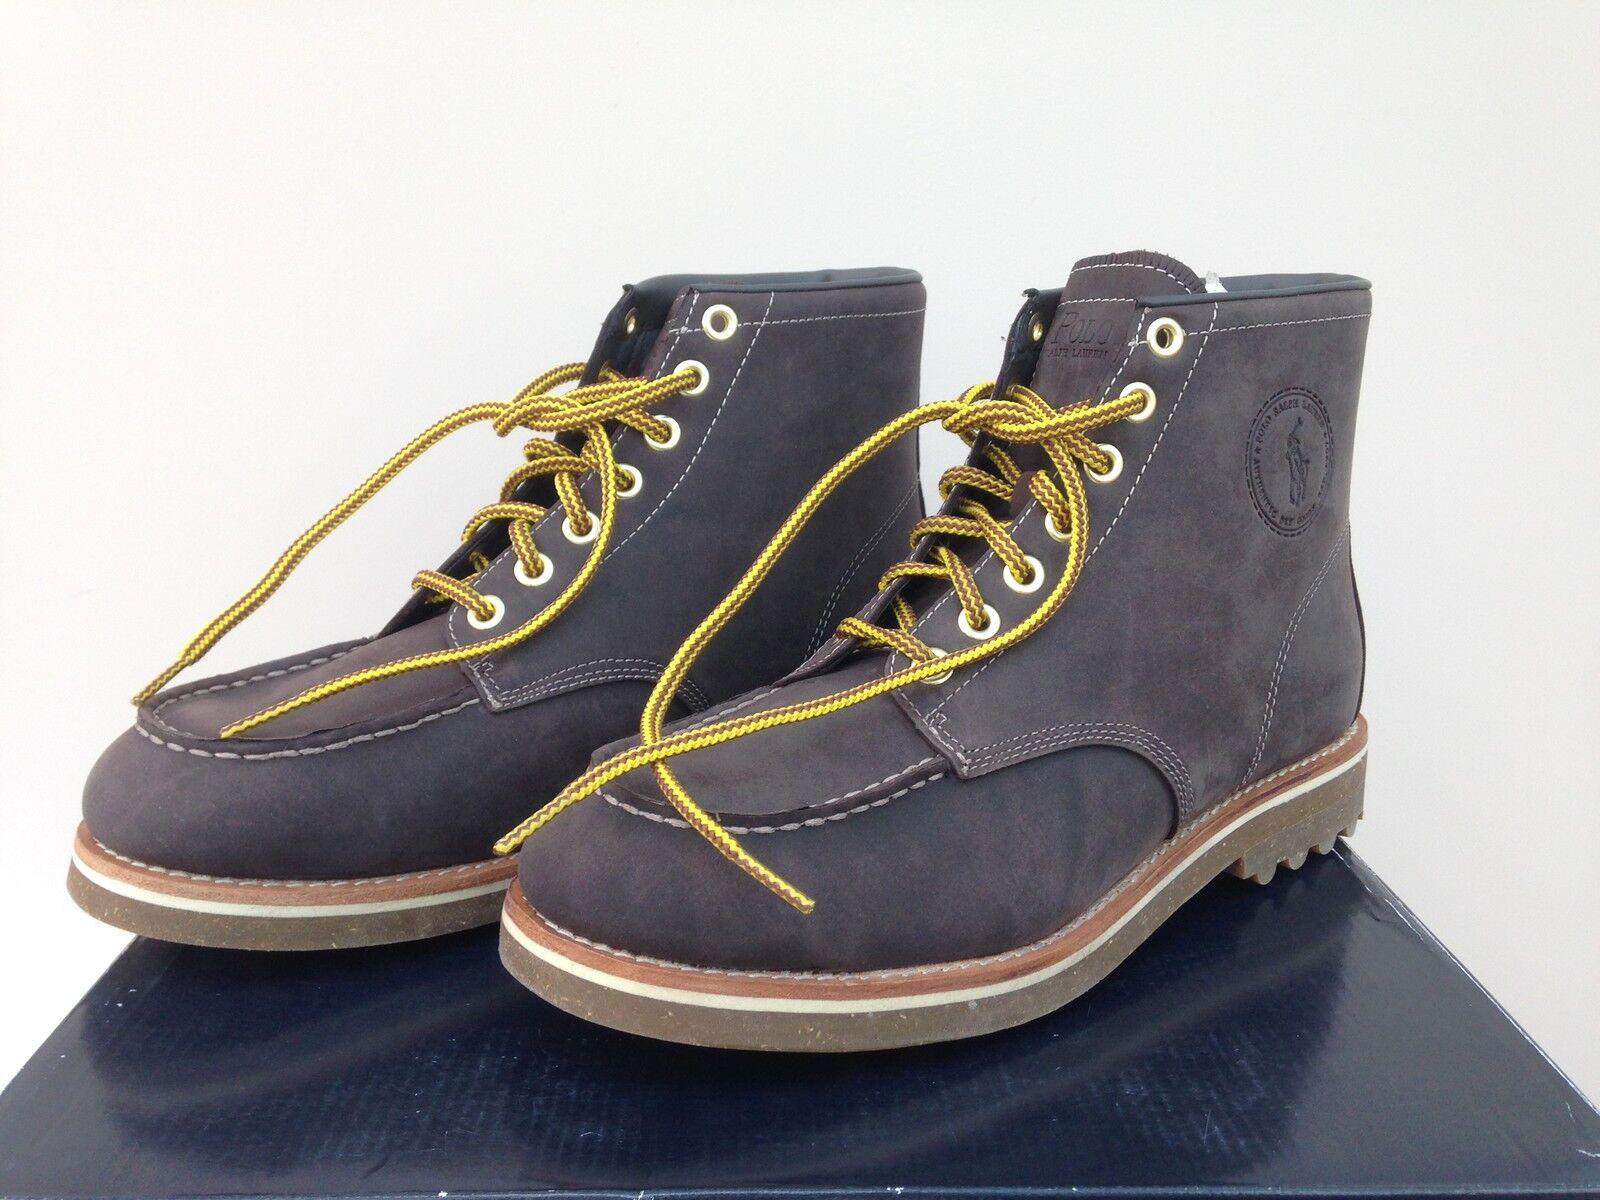 prezzo basso Ralph Lauren Lace-Up Stivali Stivali Stivali in Marrone Marvin A86Y0300RF001- EU 43  più economico